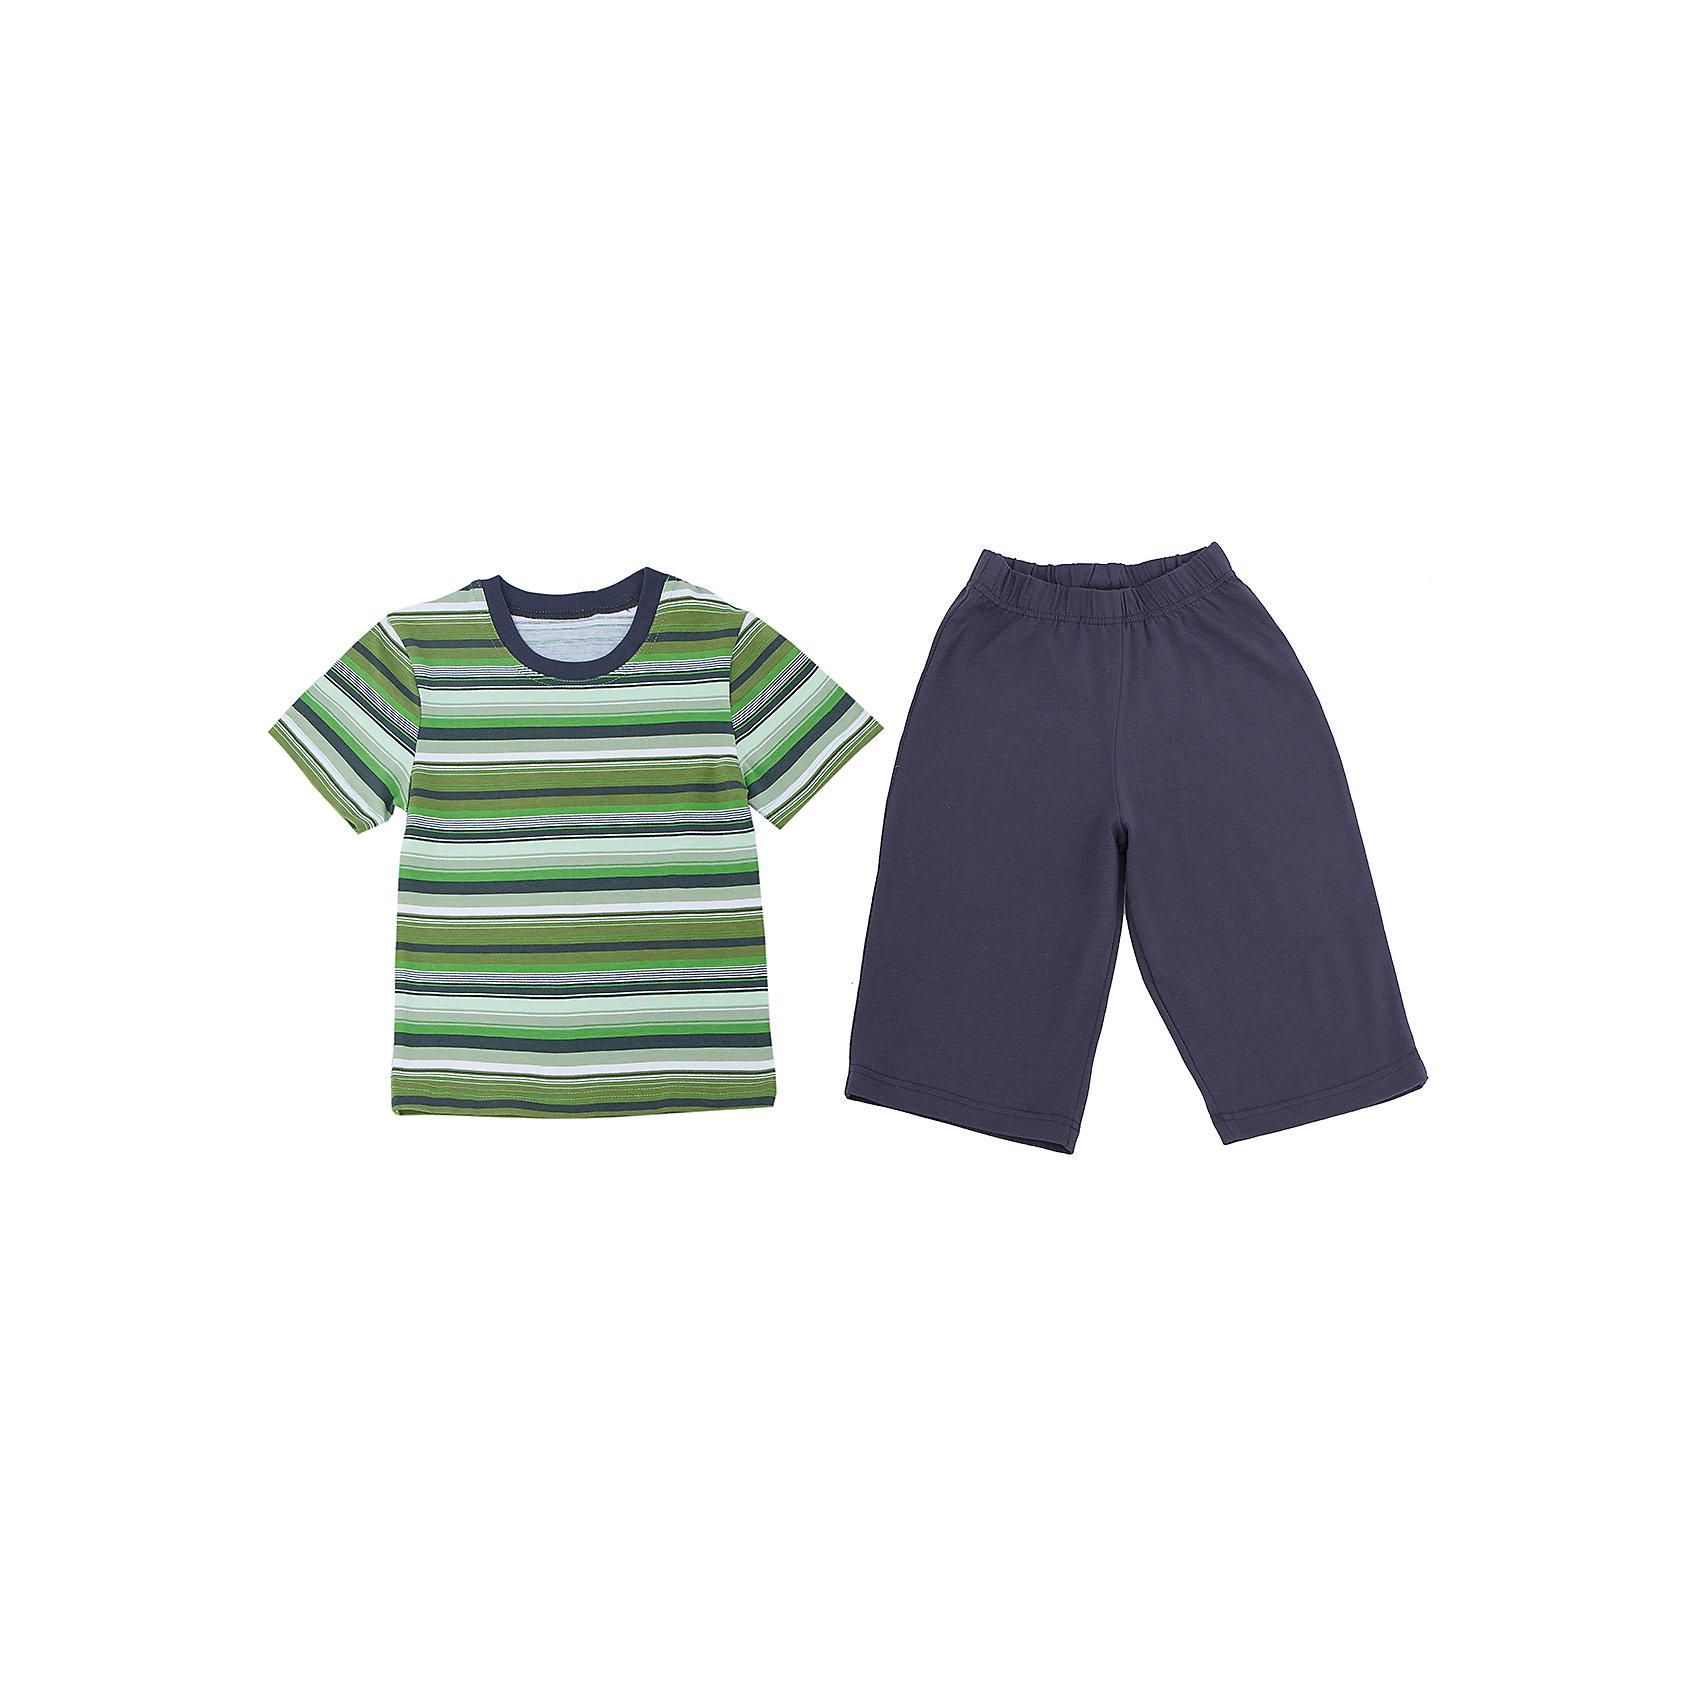 Пижама для мальчика АпрельПижама для мальчика Апрель.<br><br>Характеристики:<br>• состав: 100% хлопок<br>• цвет: зеленый<br><br>Пижама от марки Апрель изготовлена из мягкого хлопка, приятного на ощупь. Темные шорты хорошо сочетаются с футболкой в полоску. Спать в такой пижаме очень комфортно!<br><br>Пижаму для мальчика Апрель можно приобрести в нашем интернет-магазине.<br><br>Ширина мм: 281<br>Глубина мм: 70<br>Высота мм: 188<br>Вес г: 295<br>Цвет: зеленый<br>Возраст от месяцев: 48<br>Возраст до месяцев: 60<br>Пол: Мужской<br>Возраст: Детский<br>Размер: 110,128,122,116,104<br>SKU: 4936804